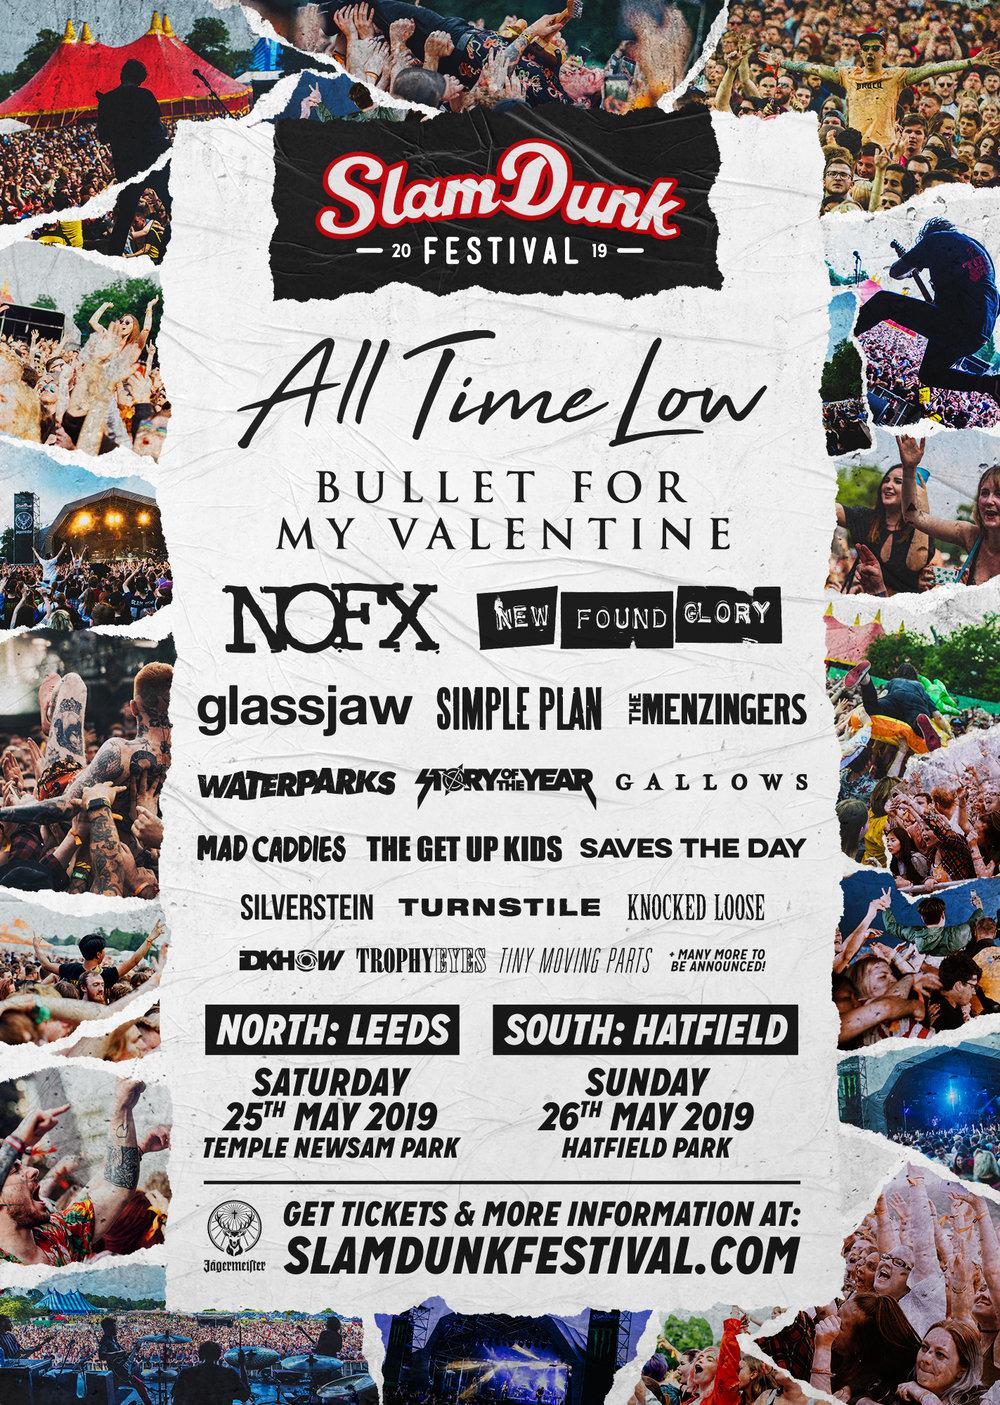 Slam Dunk Festival Announce Bullet For My Valentine Amp Many